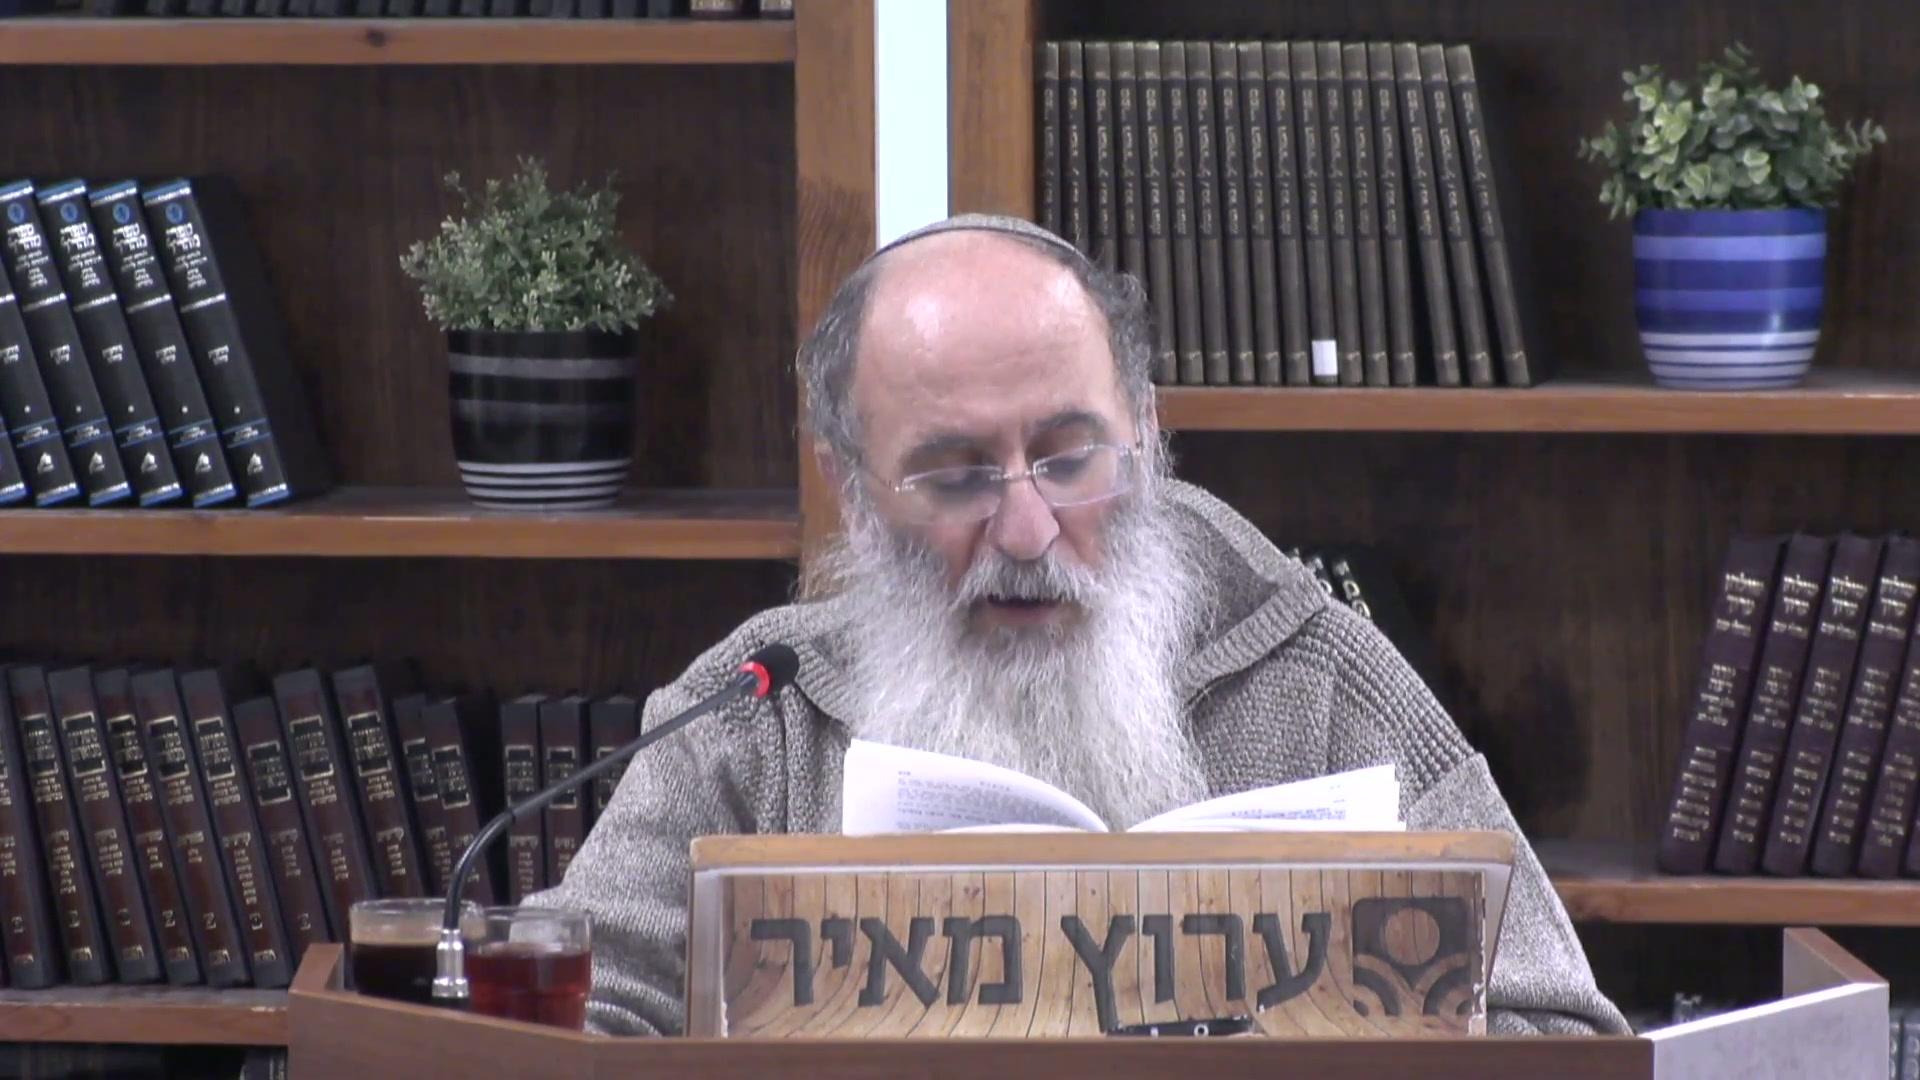 ברכת המזון וקשר היחיד והכלל בישראל - כל השקפת העולם של היהדות בתוך לחמניה  !